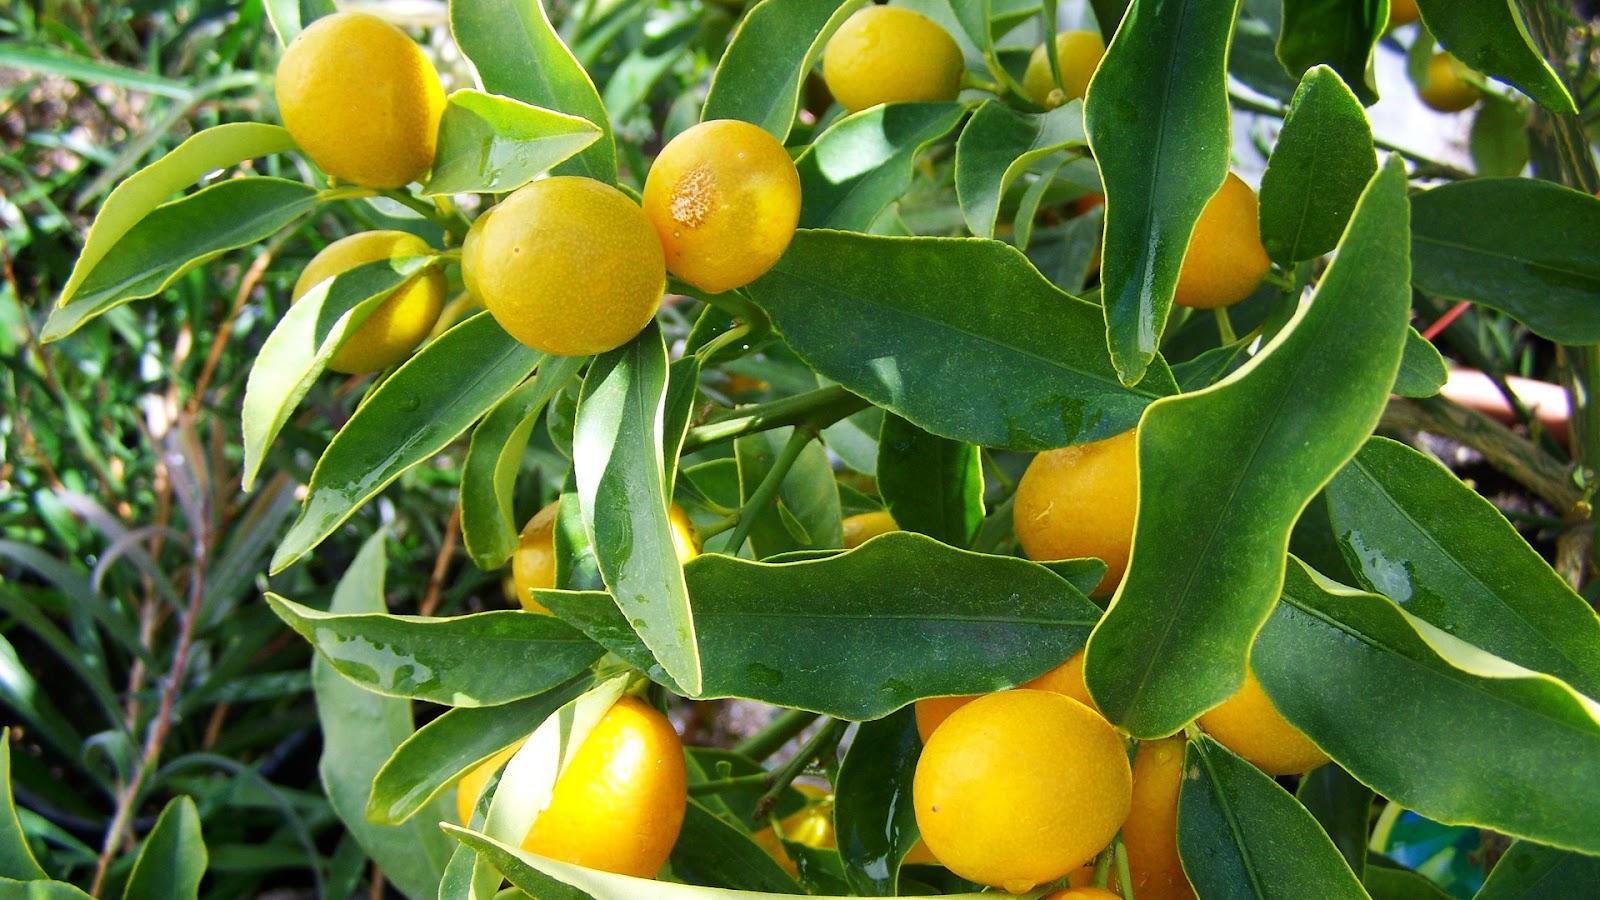 types of lemons